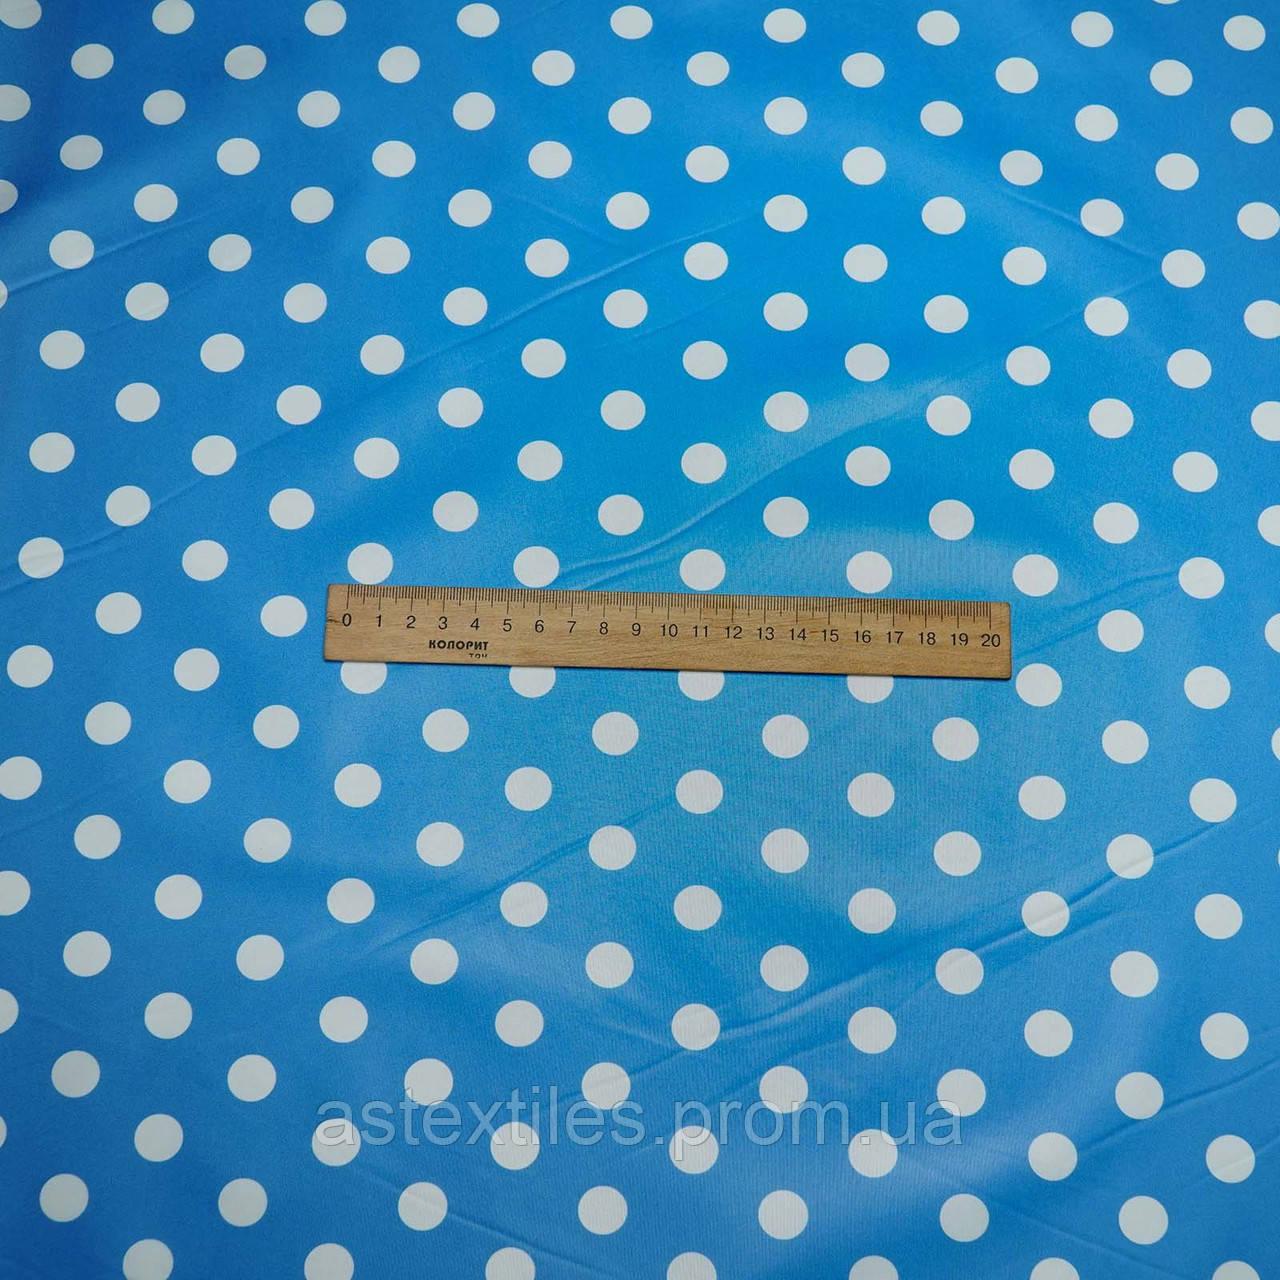 Плащівка лаку принт (білий горох на блакитному тлі)